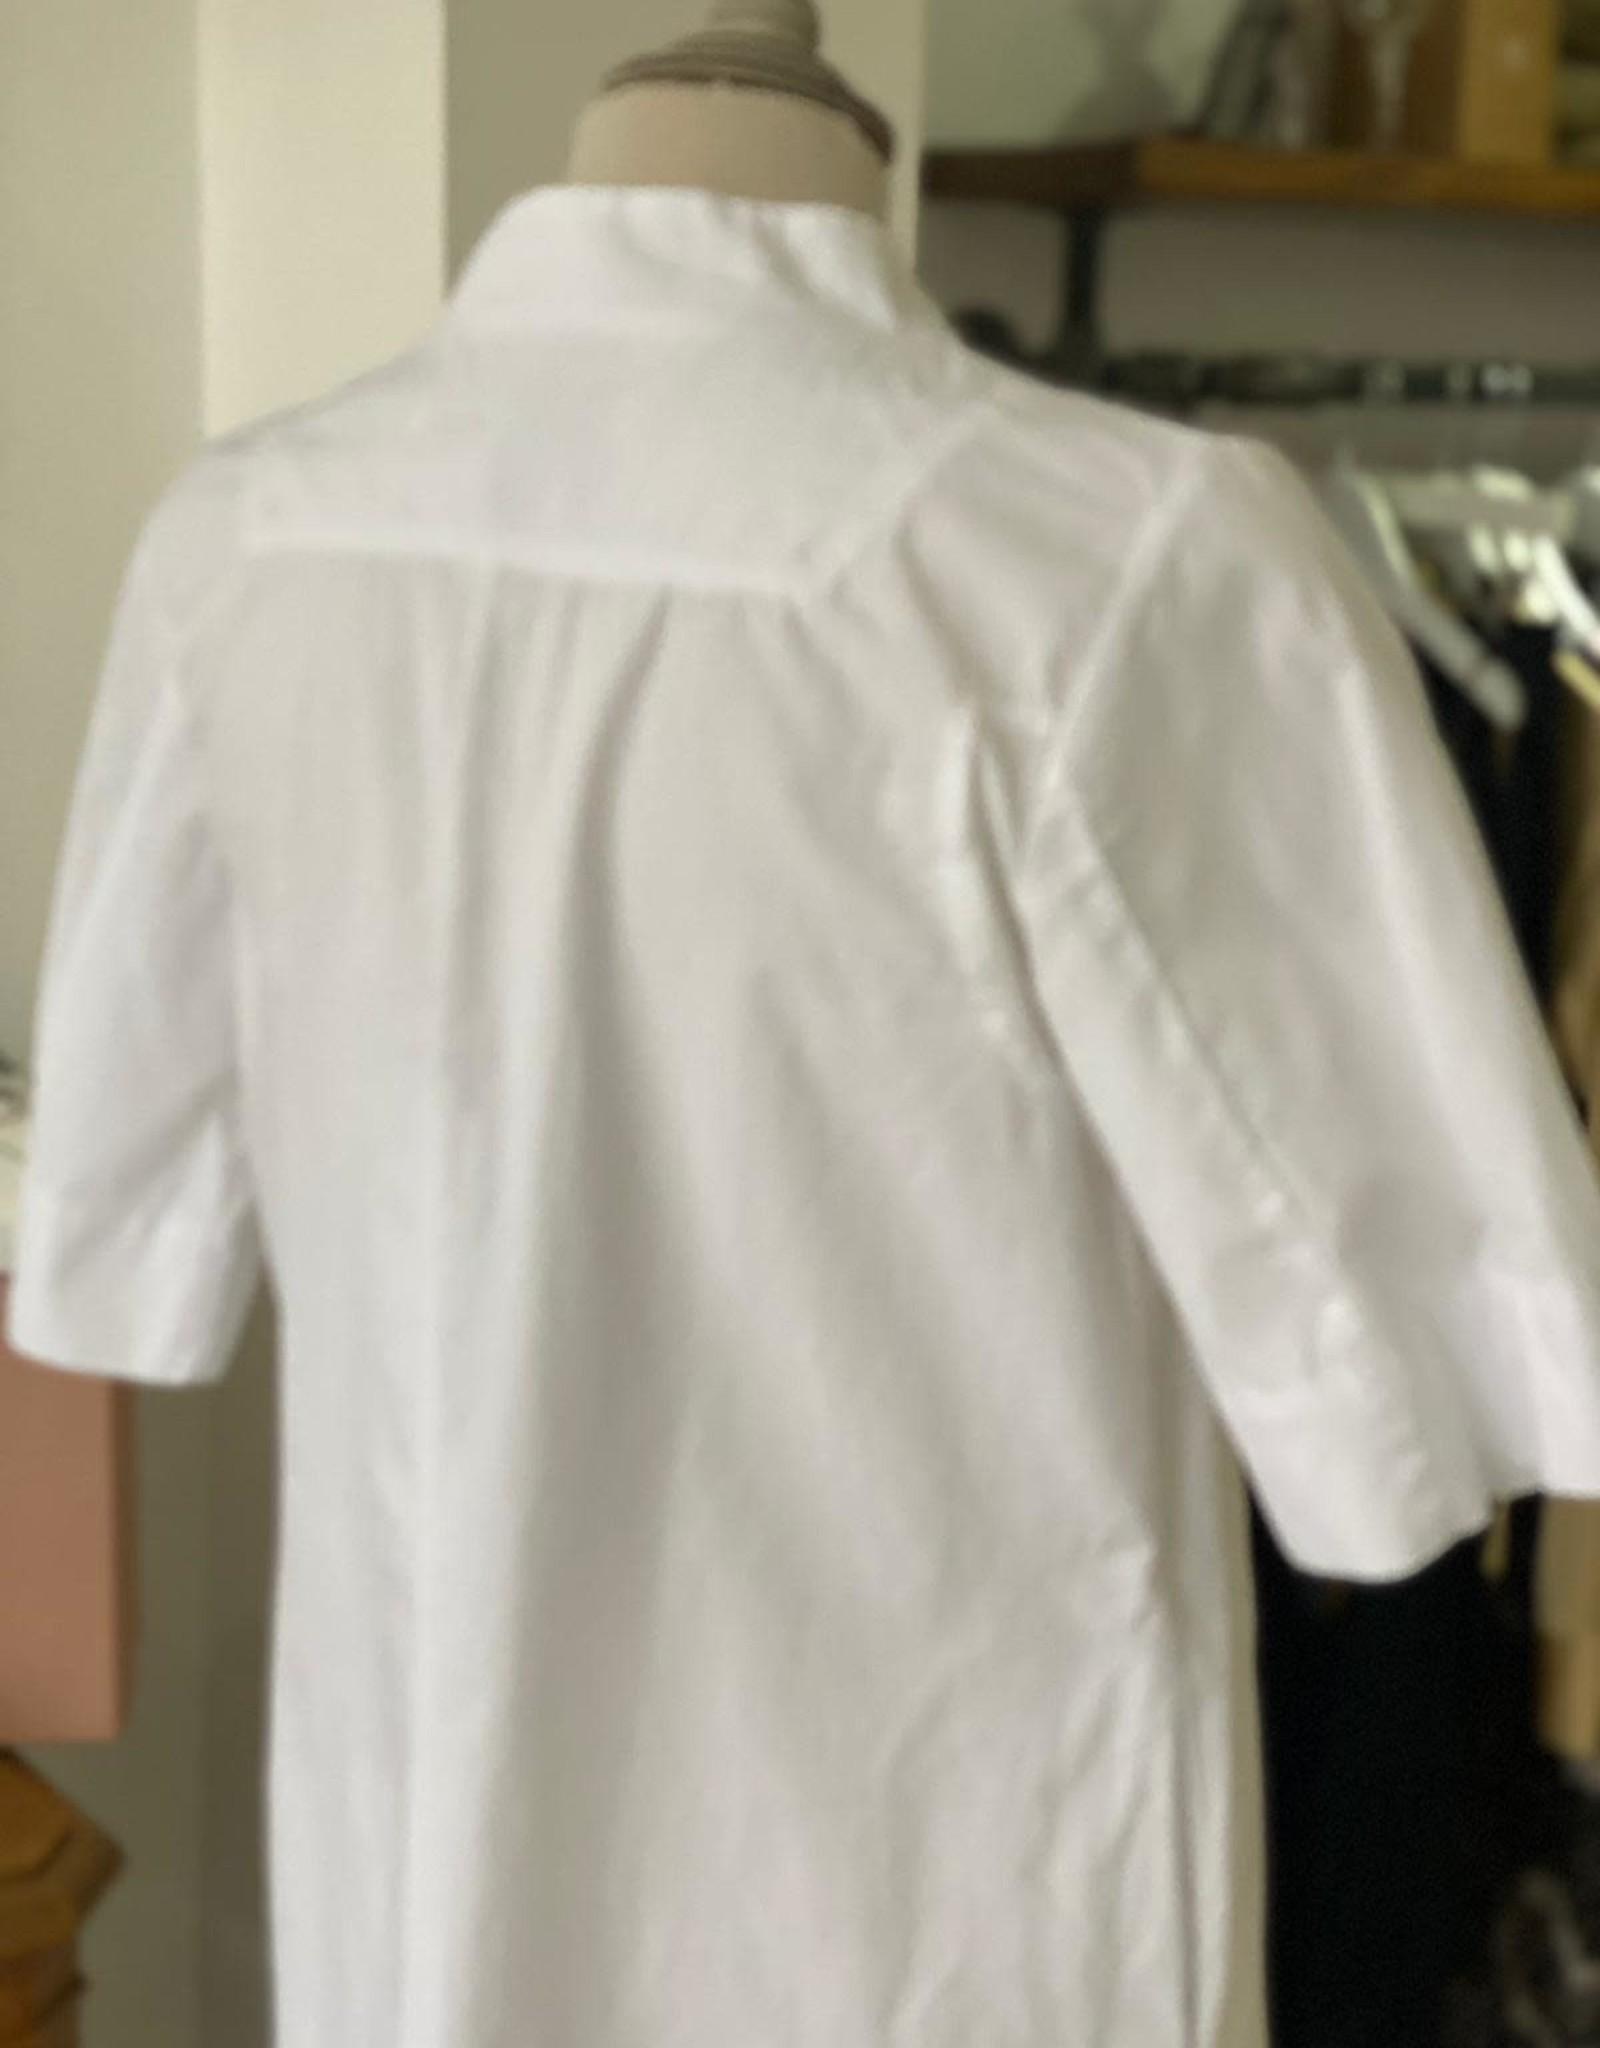 EUROPEAN CULTURE ABITO MANICA CORTA DON V-NECK DRESS 14CU 3183 EUROPEAN CULTURE